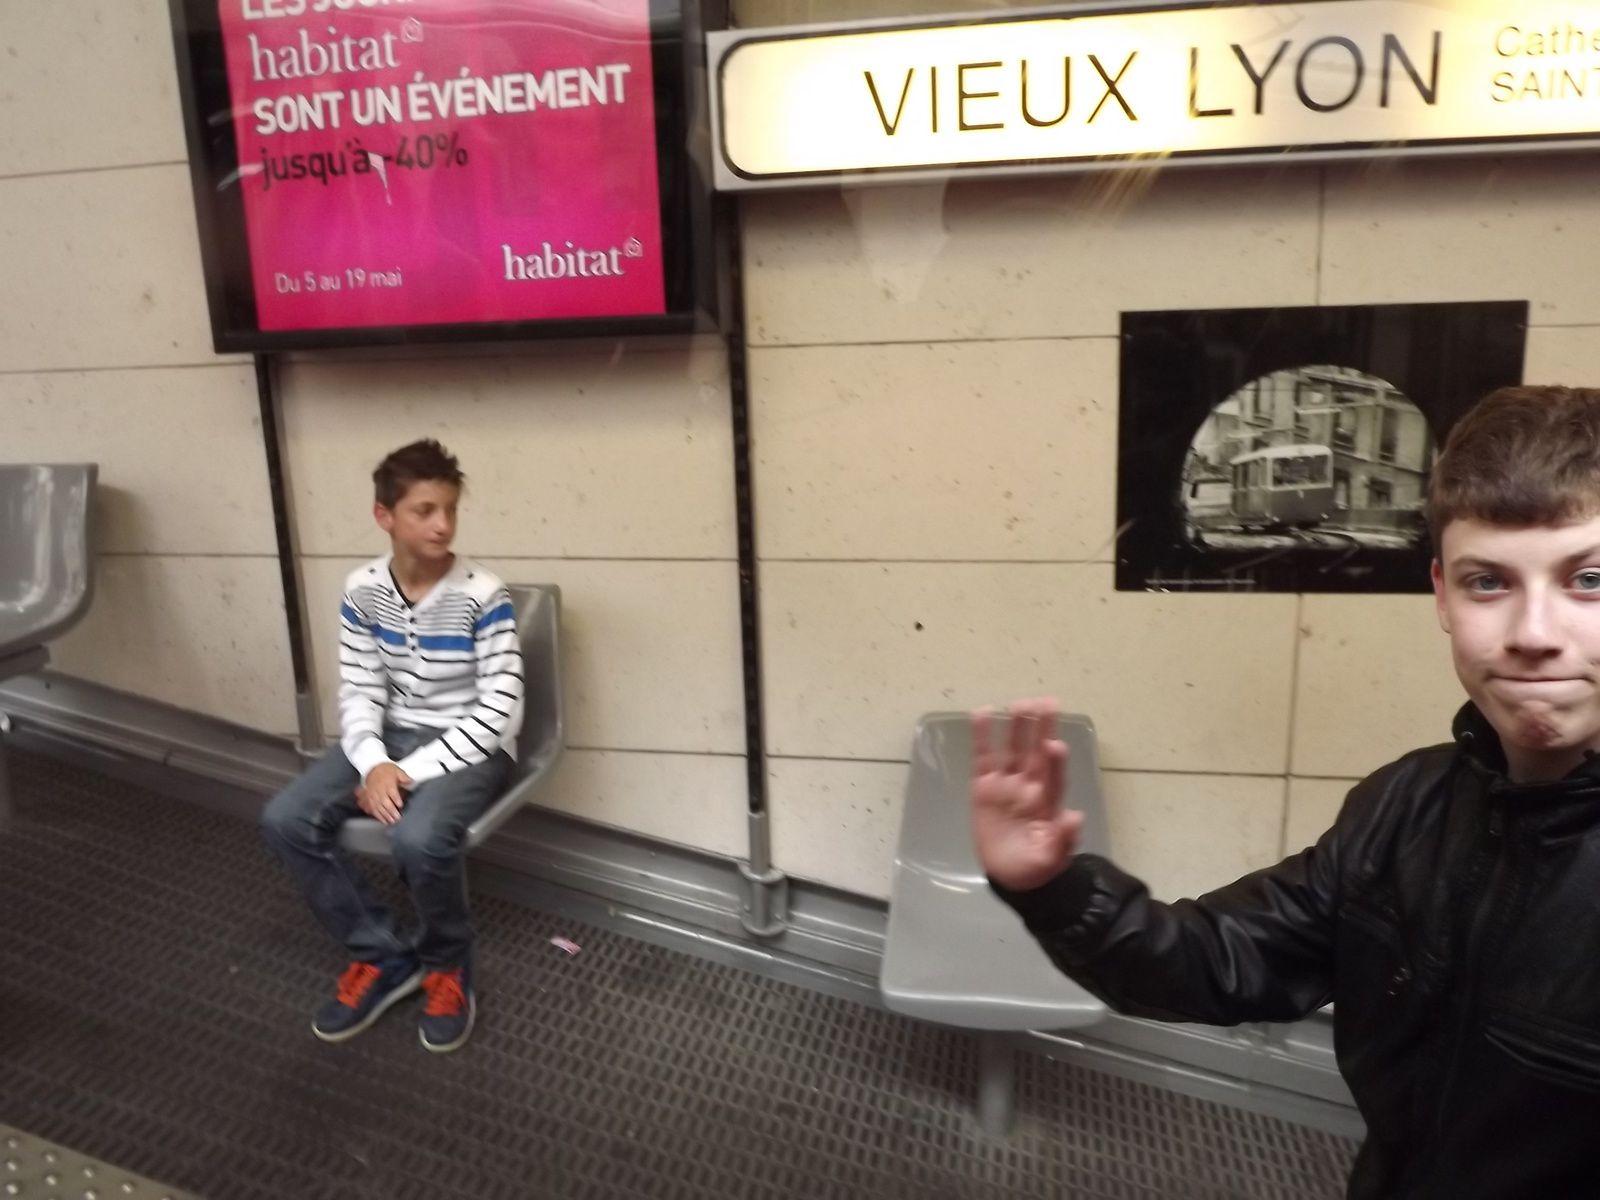 Après midi, visite du vieux Lyon.....